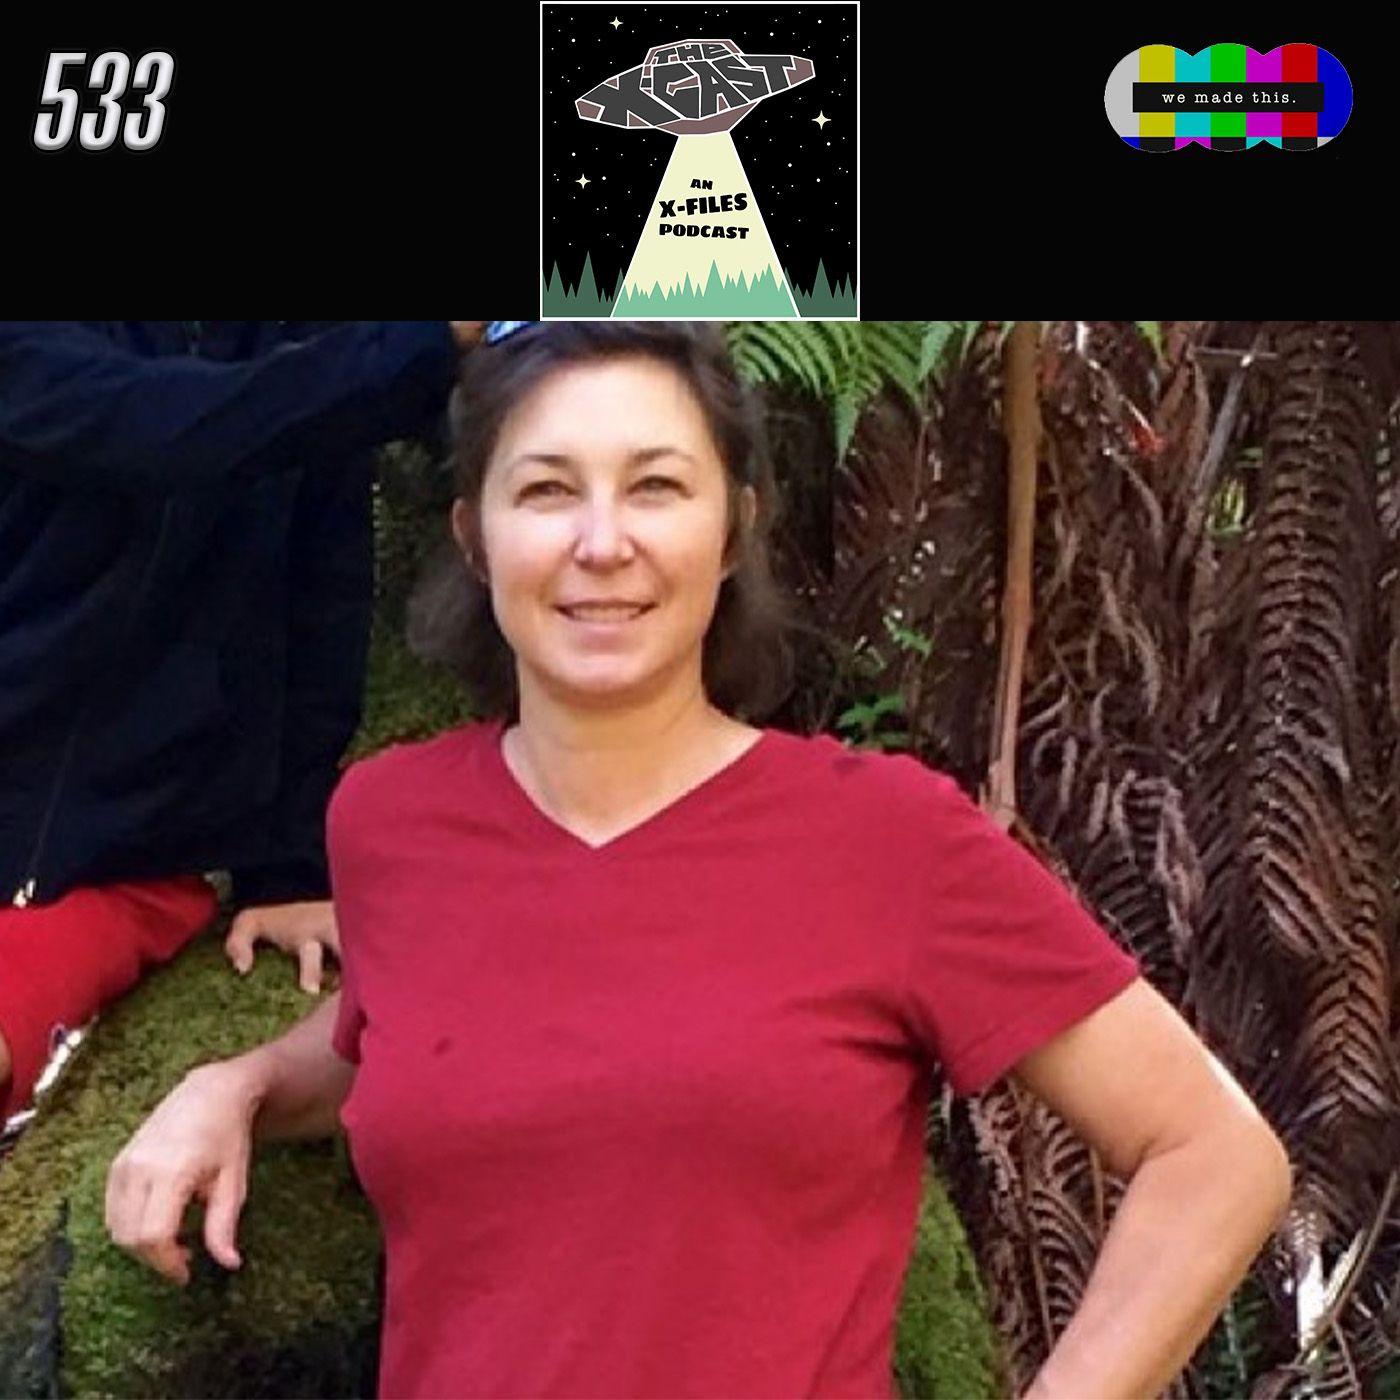 533. Interview: Kim Newton (X-Files Season 3 Writer)